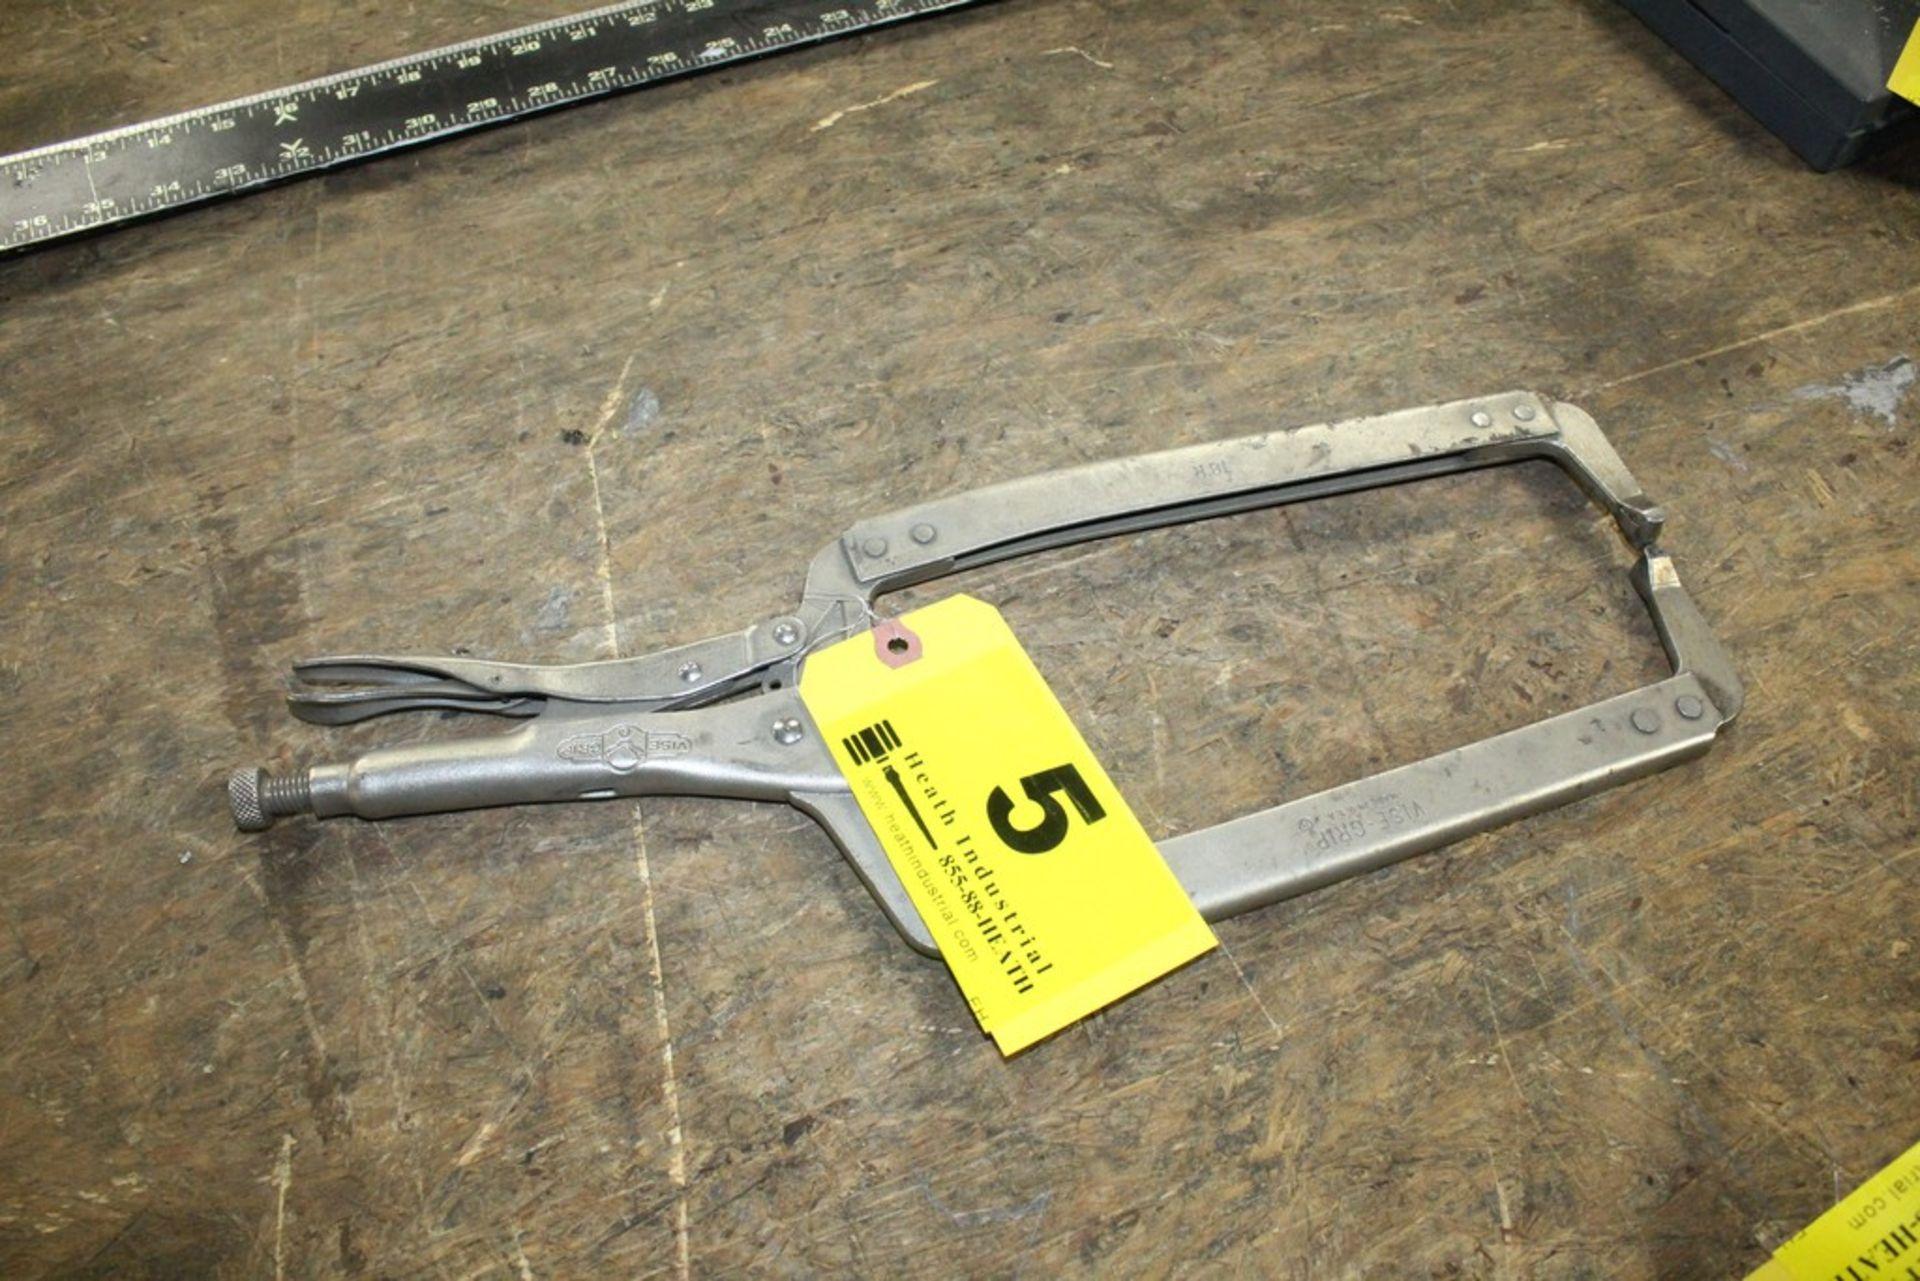 Lot 5 - Vise Grip Model 18R Pliers